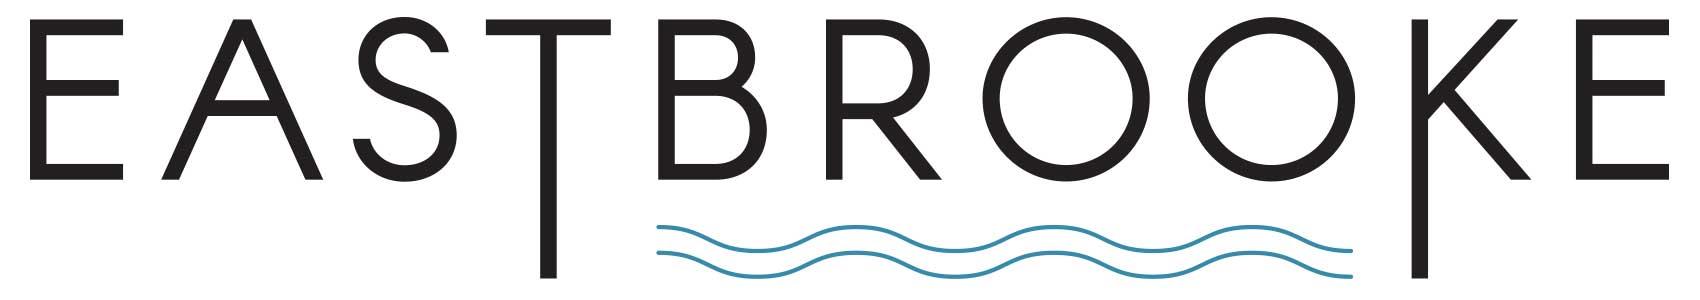 Eastbrook neighborhood logo